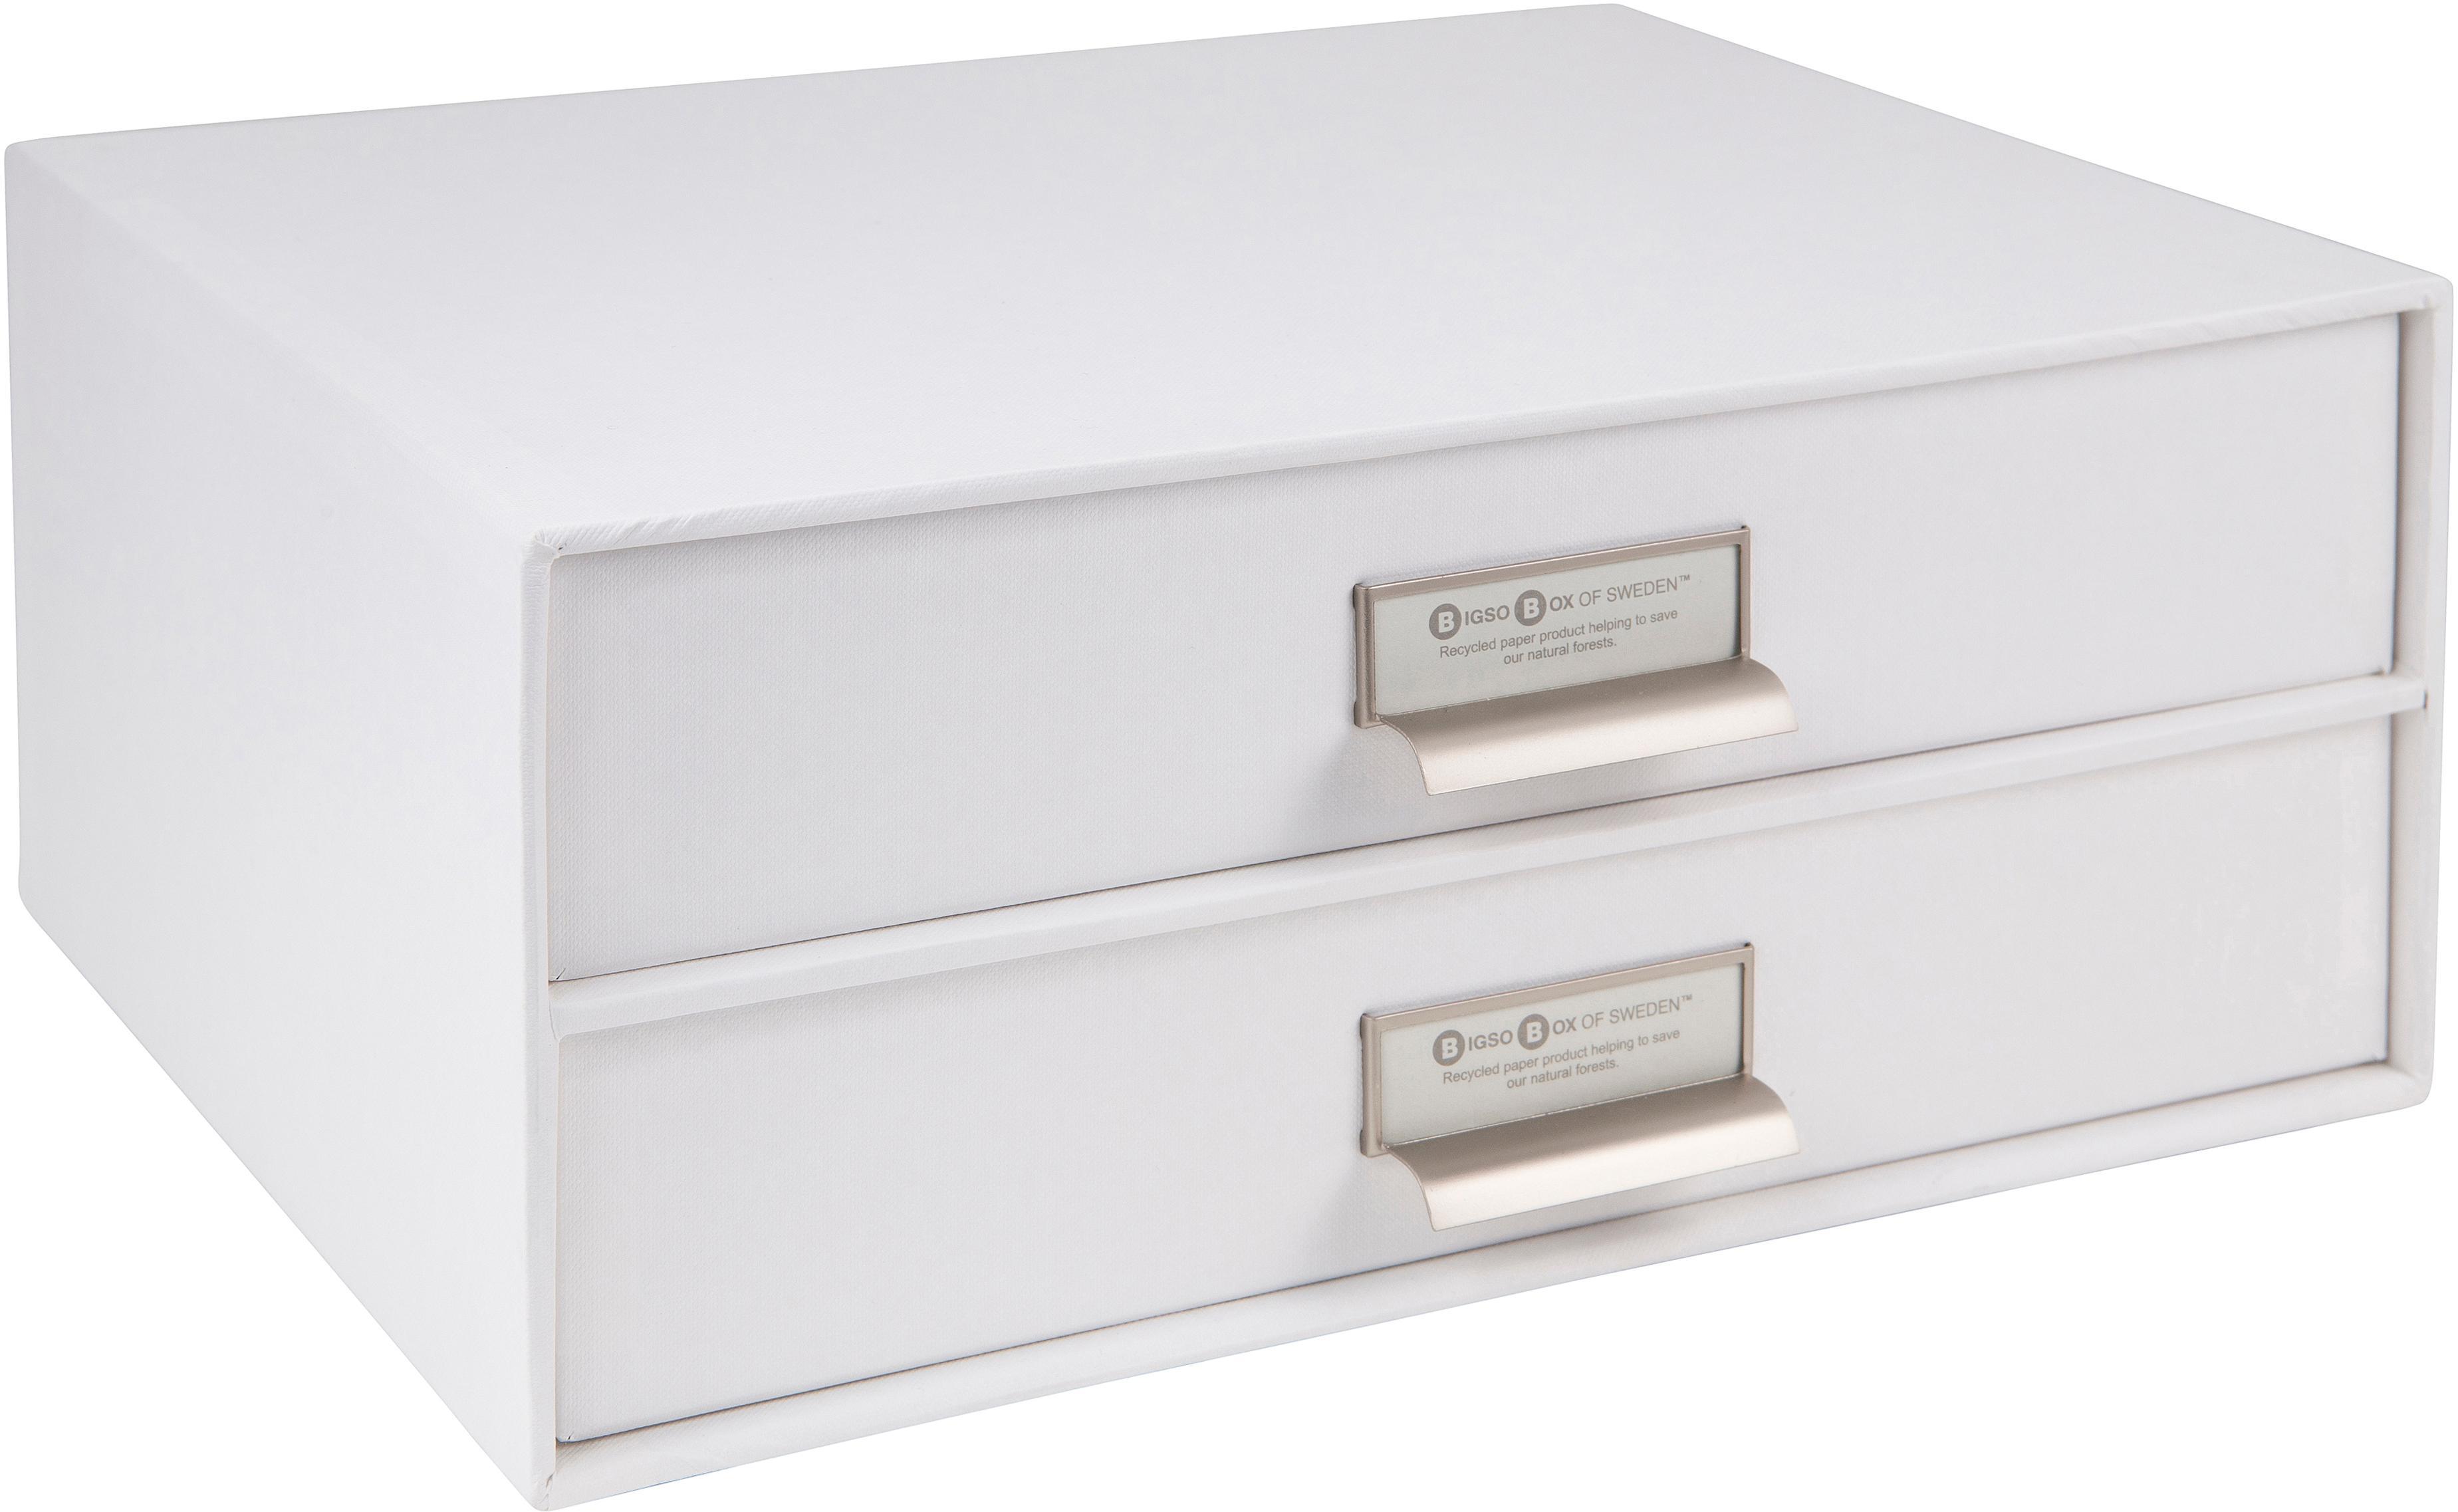 Büro-Organizer Birger, Organizer: Fester, laminierter Karto, Organizer aussen: Weiss Organizer innen: Weiss, 33 x 15 cm